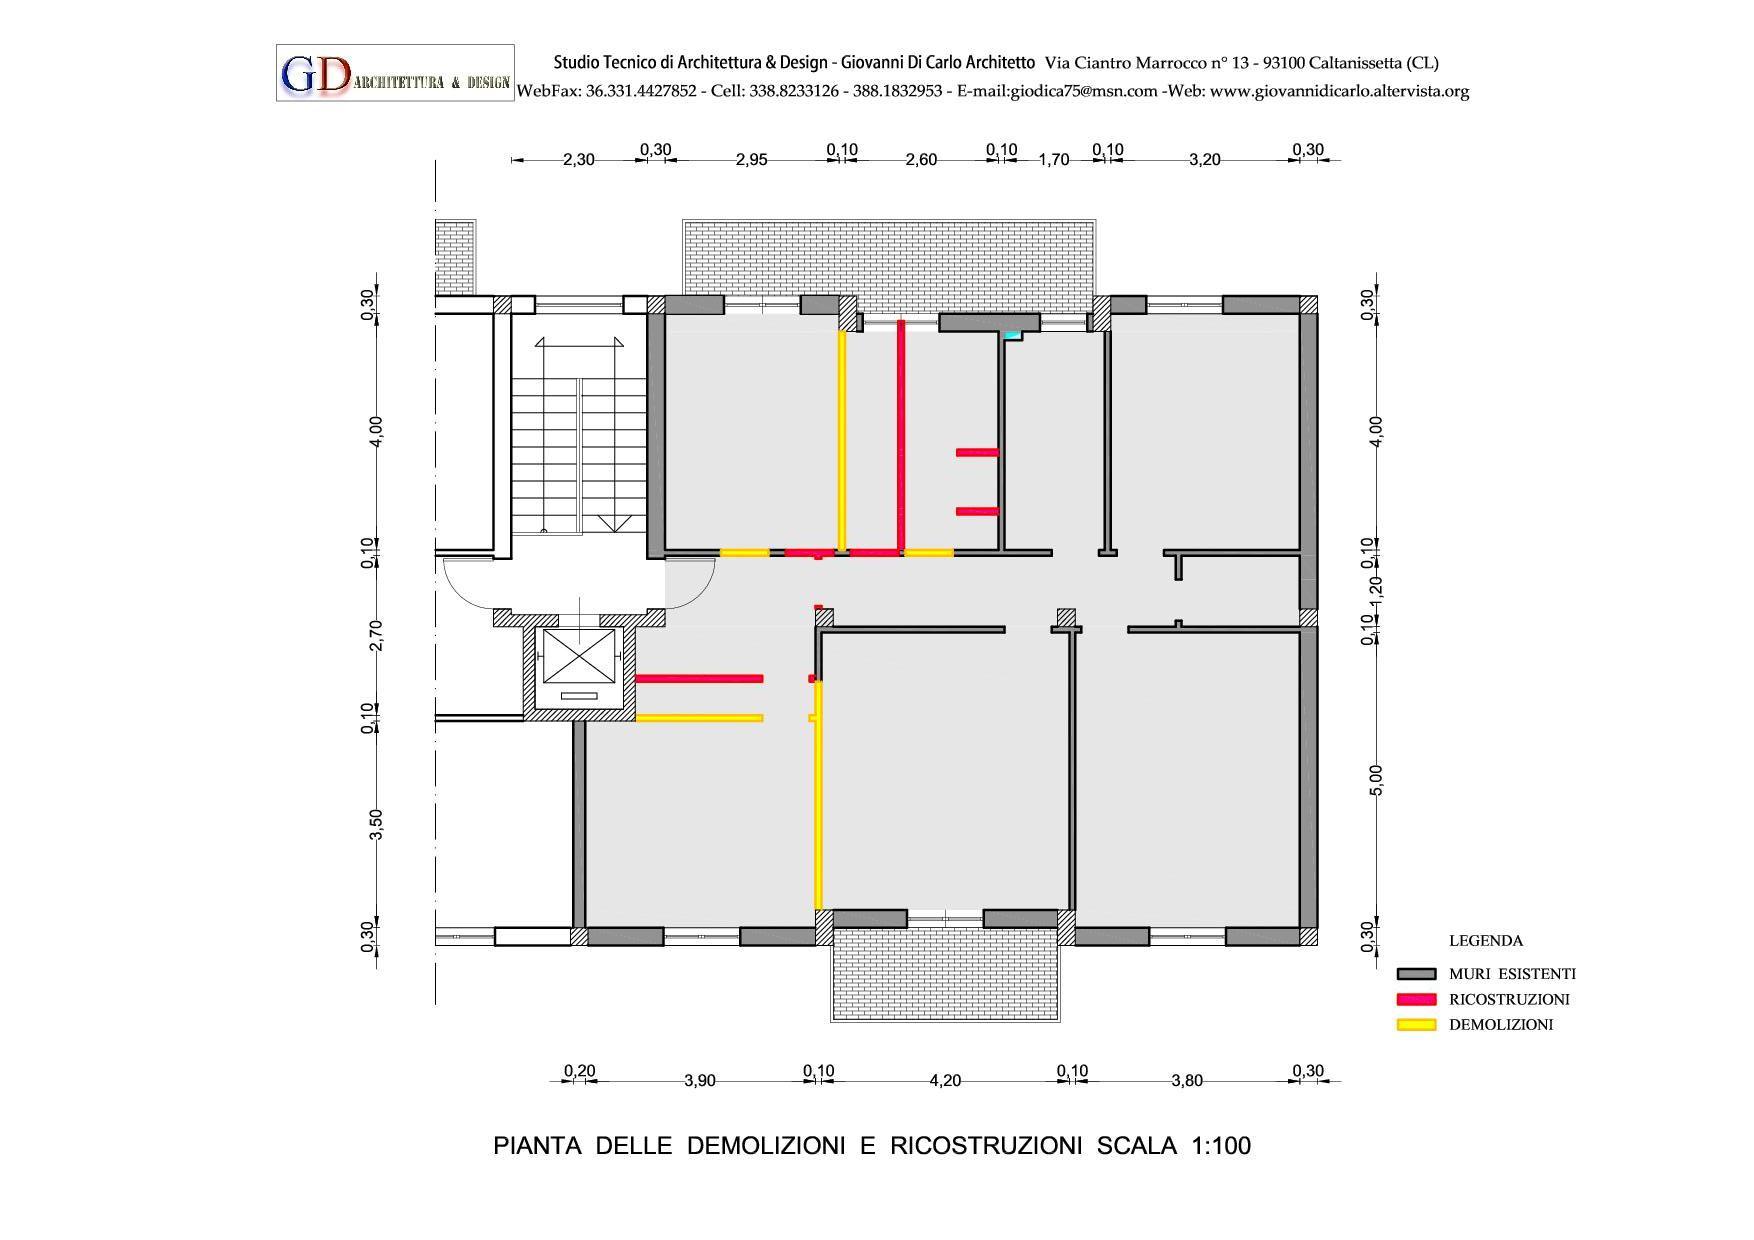 Ristrutturazione edilizia caltanissetta giovanni di for Progetto di ristrutturazione